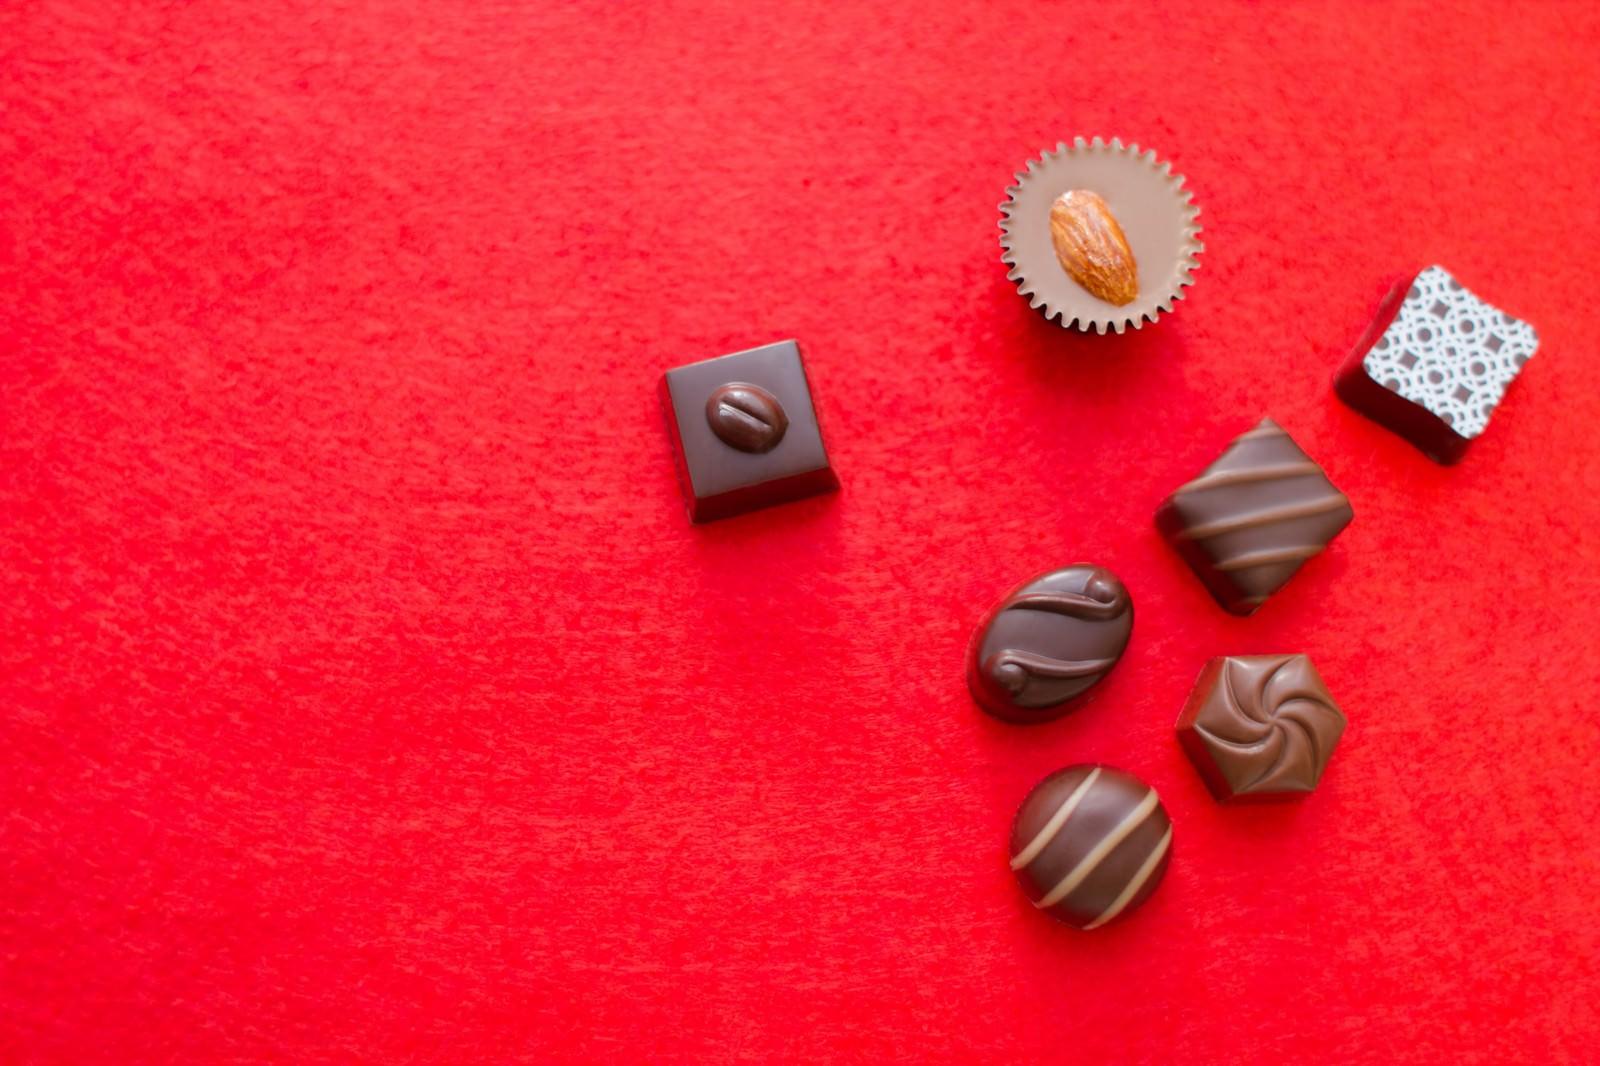 「散らばったチョコレート」の写真